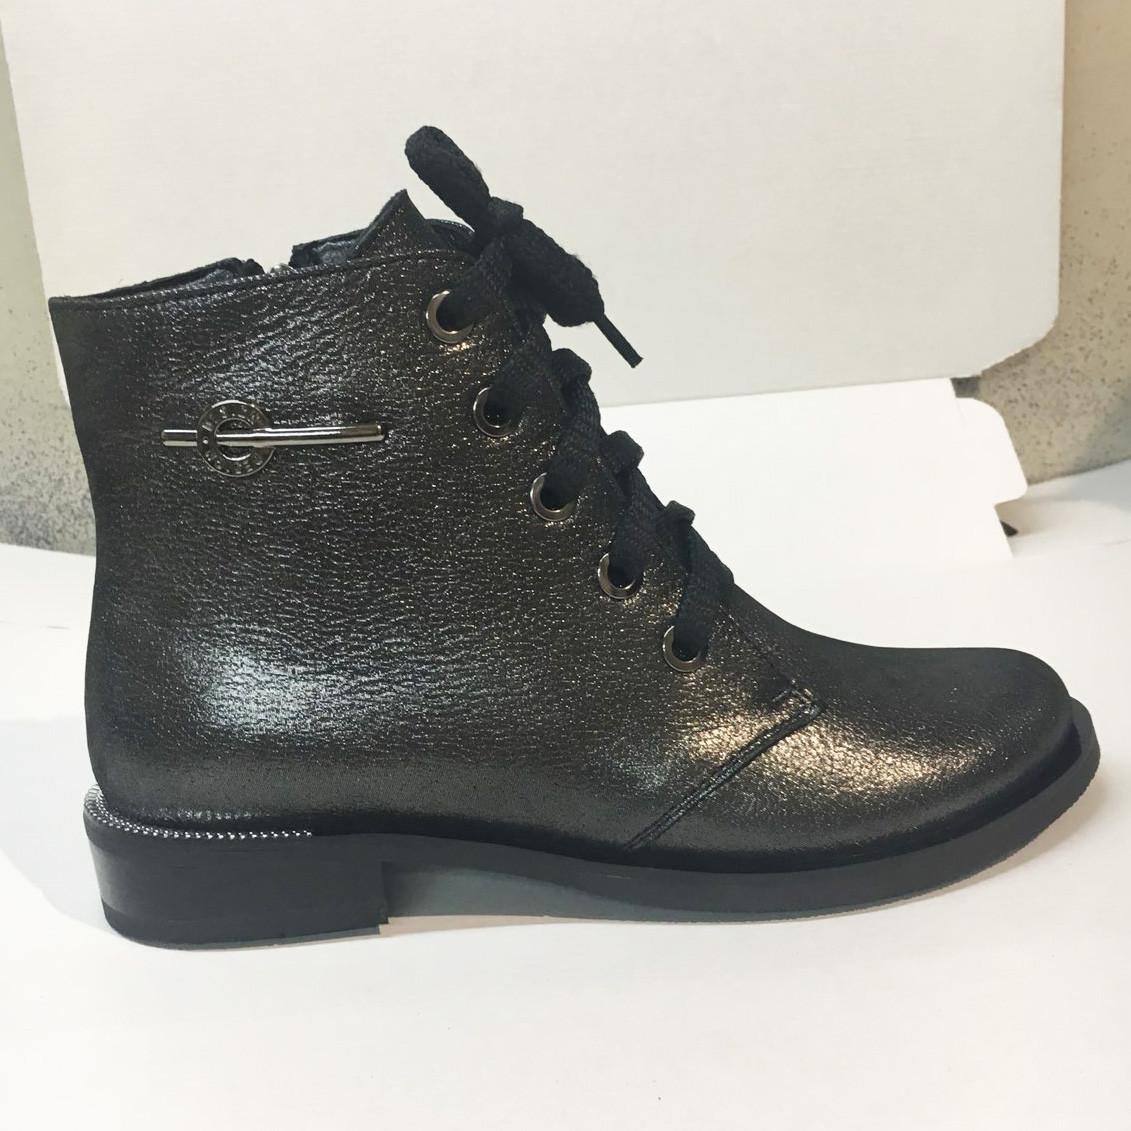 Ботинки женские кожаные на шнуровке, цвет никель